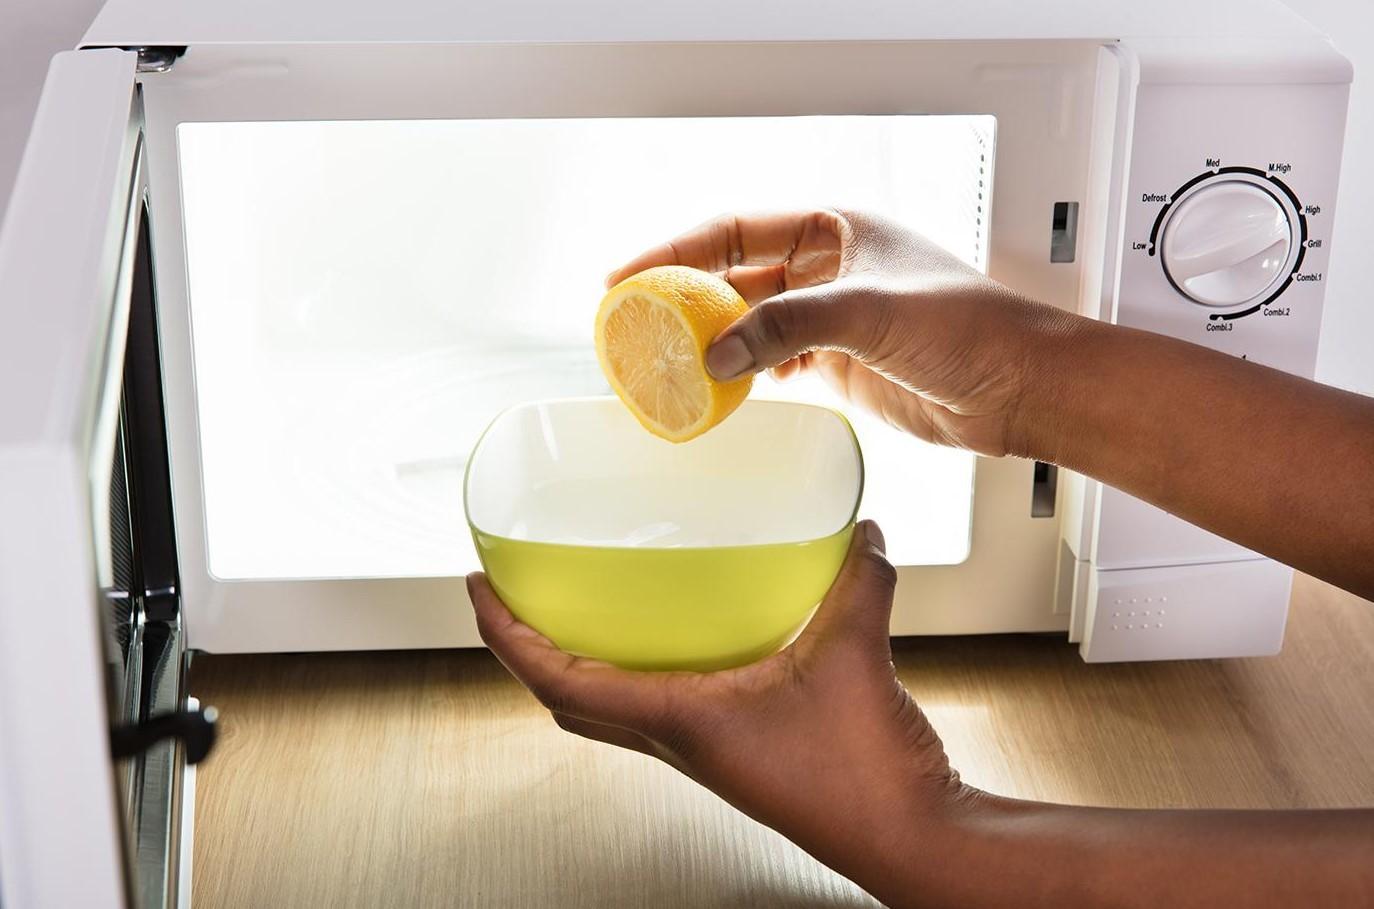 Mikroaaltopuhdistus sitruunamehu